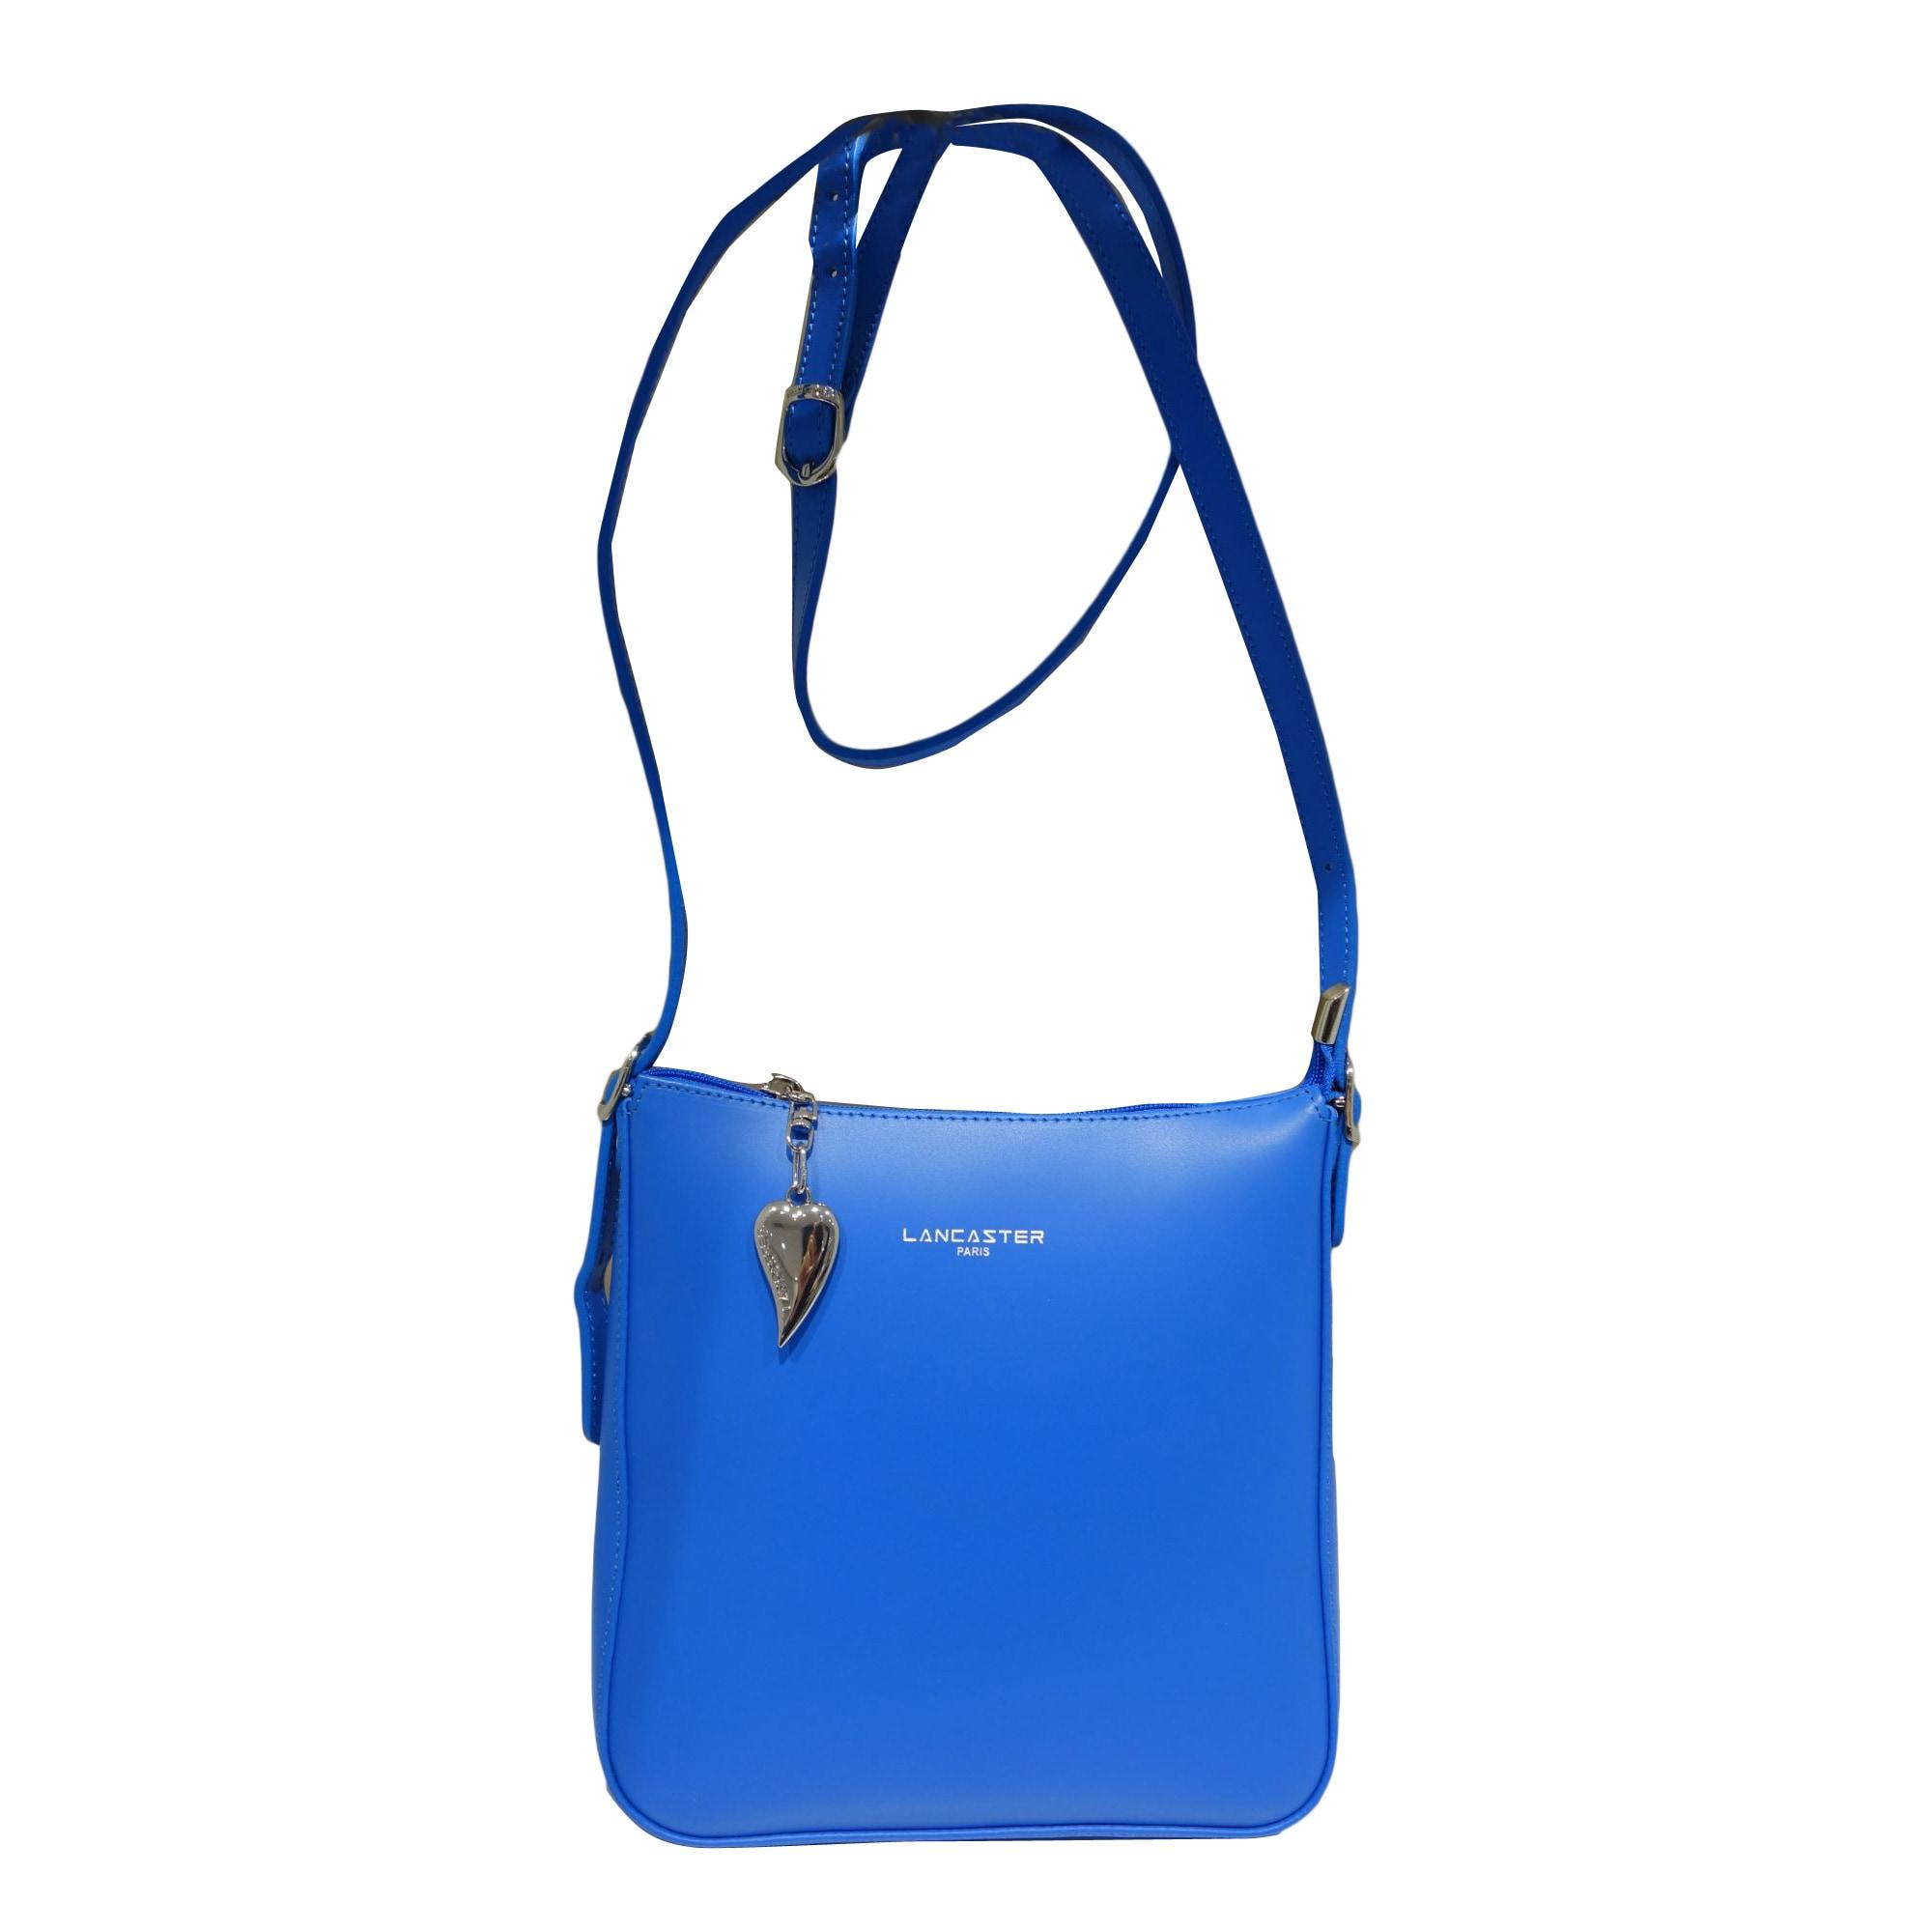 Sac Lancaster Cuir Bleu 8694078 Bandoulière En 8wNnm0